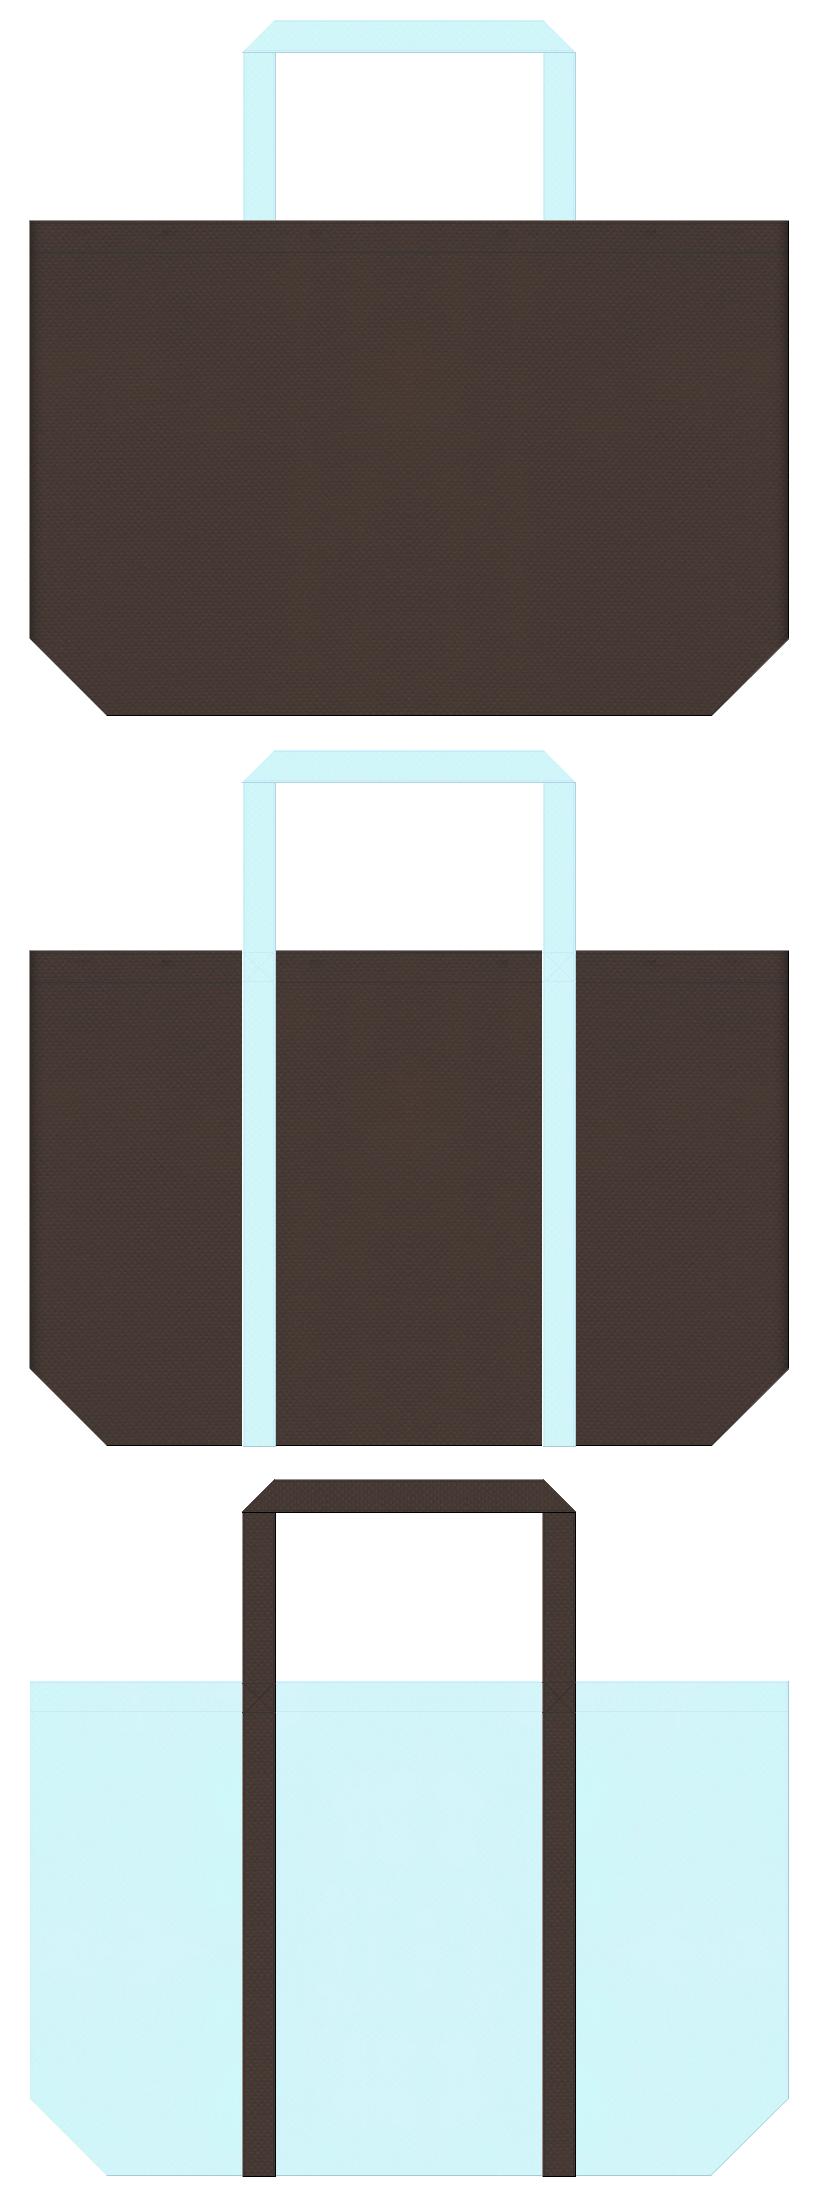 こげ茶色と水色の不織布バッグデザイン。ミントチョコイメージ。